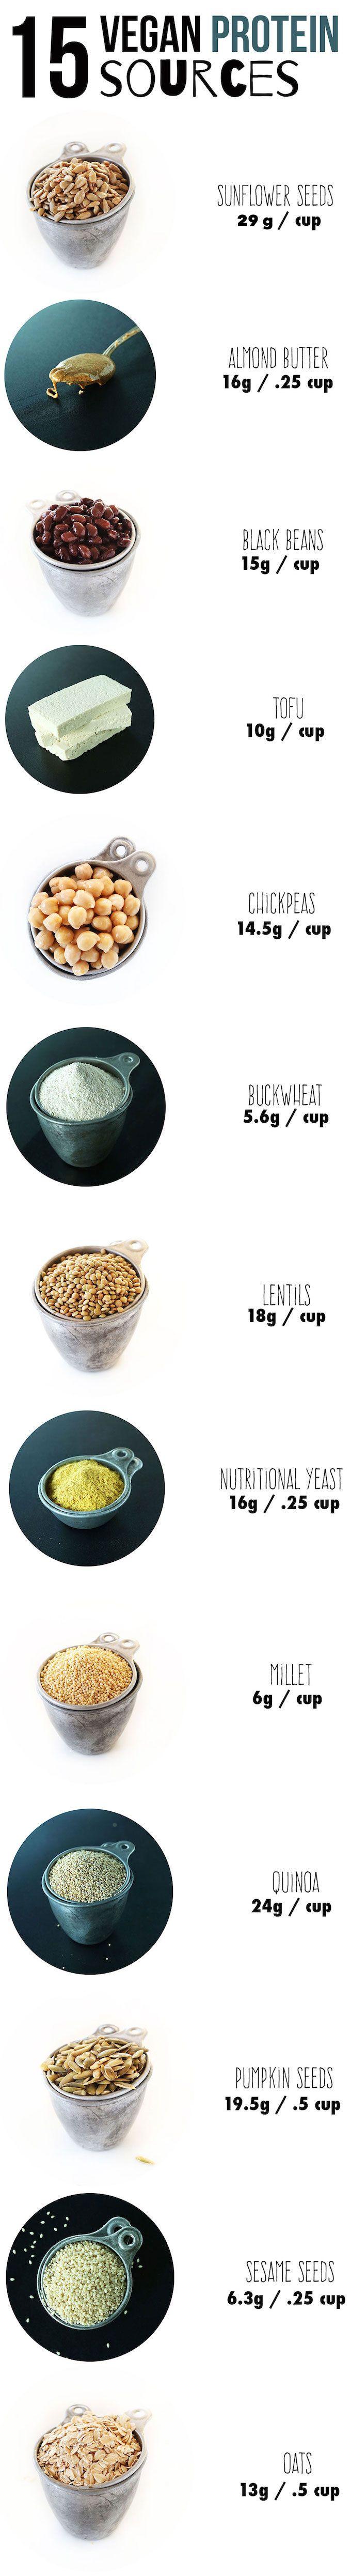 Vegan Protein Sources | Minimalist Baker